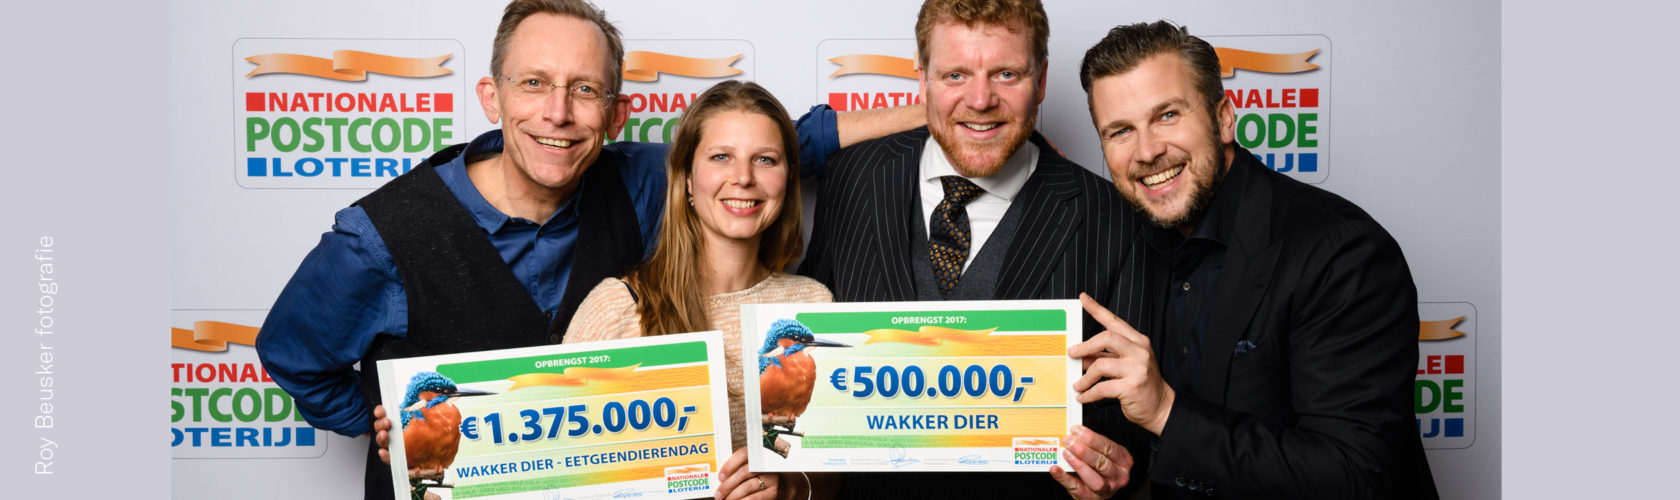 beeld Postcode Loterij